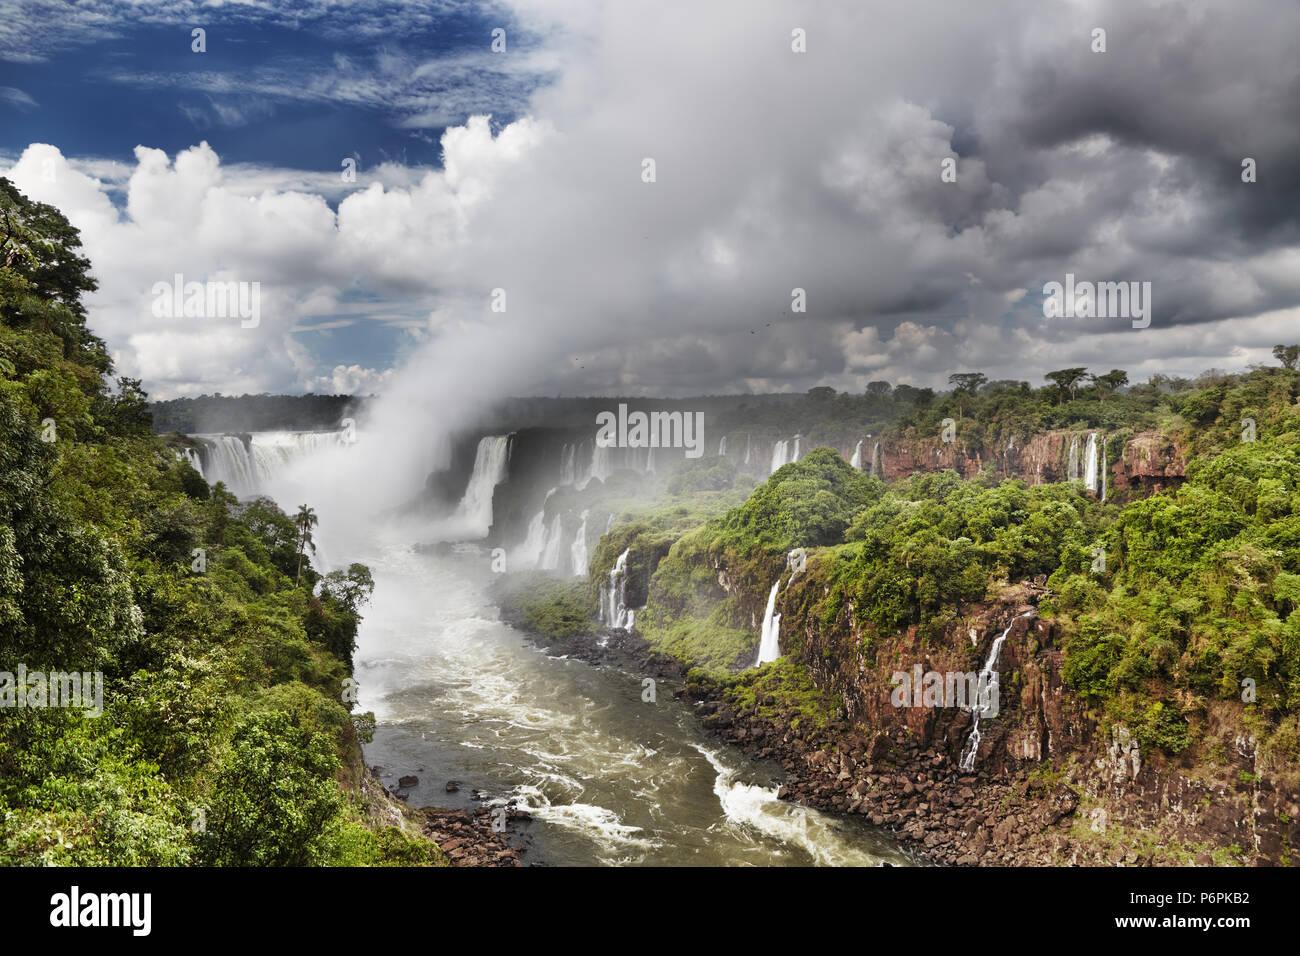 Iguassu Falls, la più grande serie di cascate del mondo, situato presso il brasiliano e argentino di frontiera, vista dal lato Brasiliano Immagini Stock